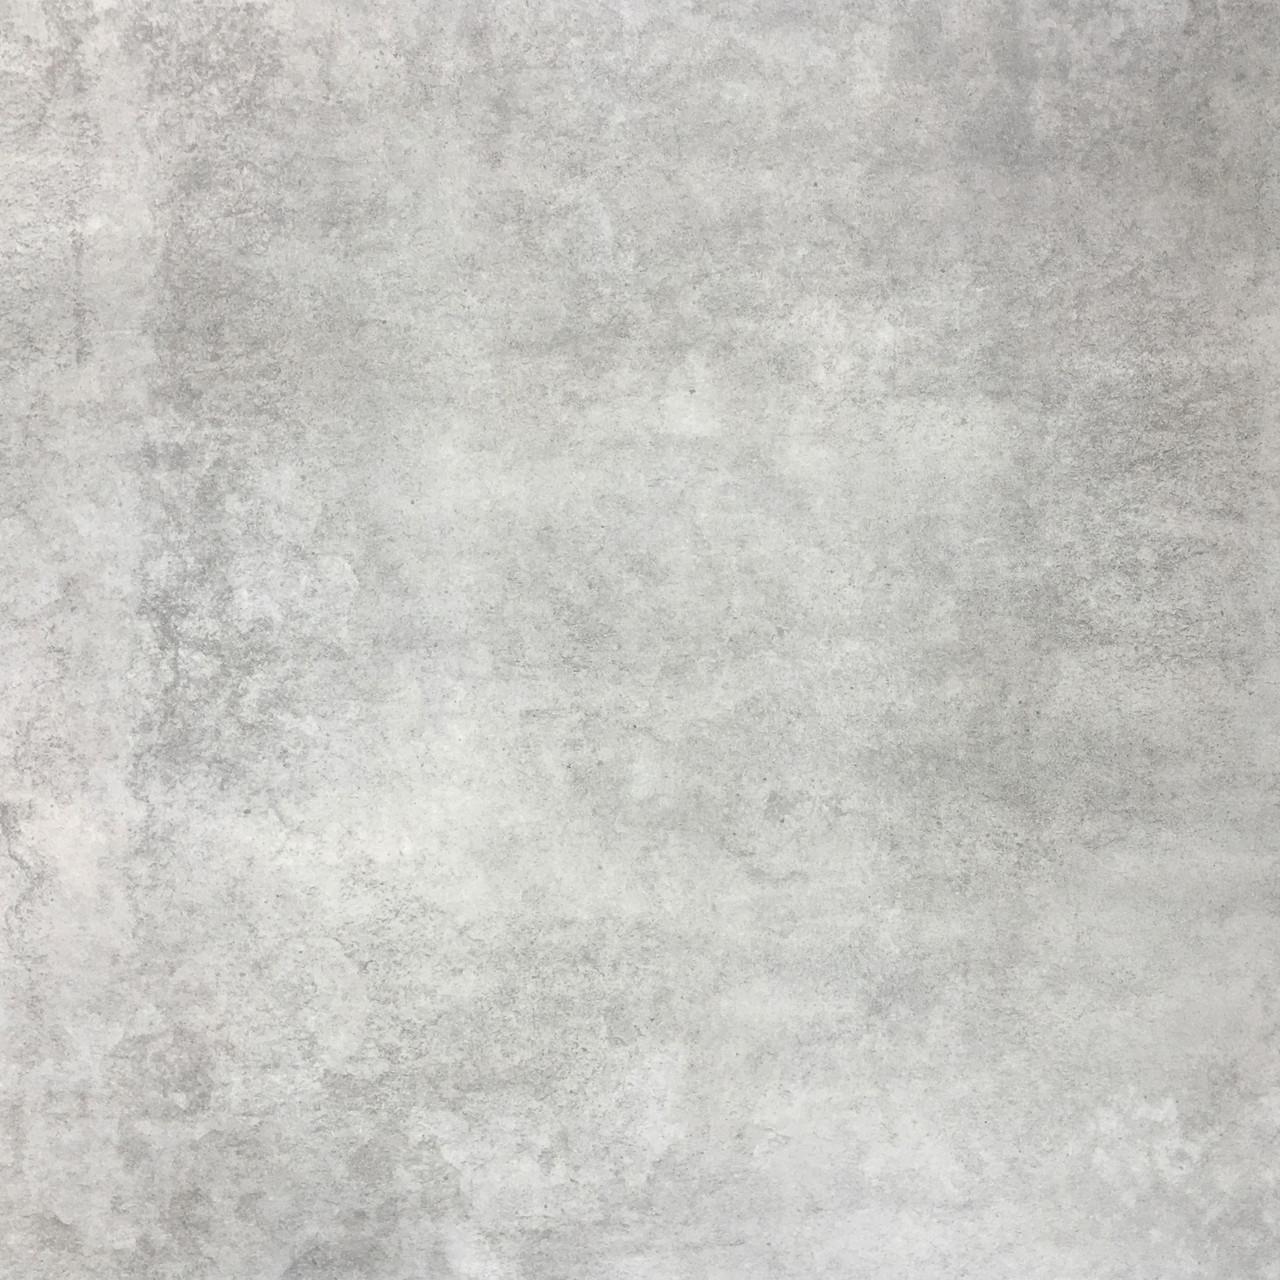 Плитка для пола ГРЕС 480x480 Varadero GR сорт S